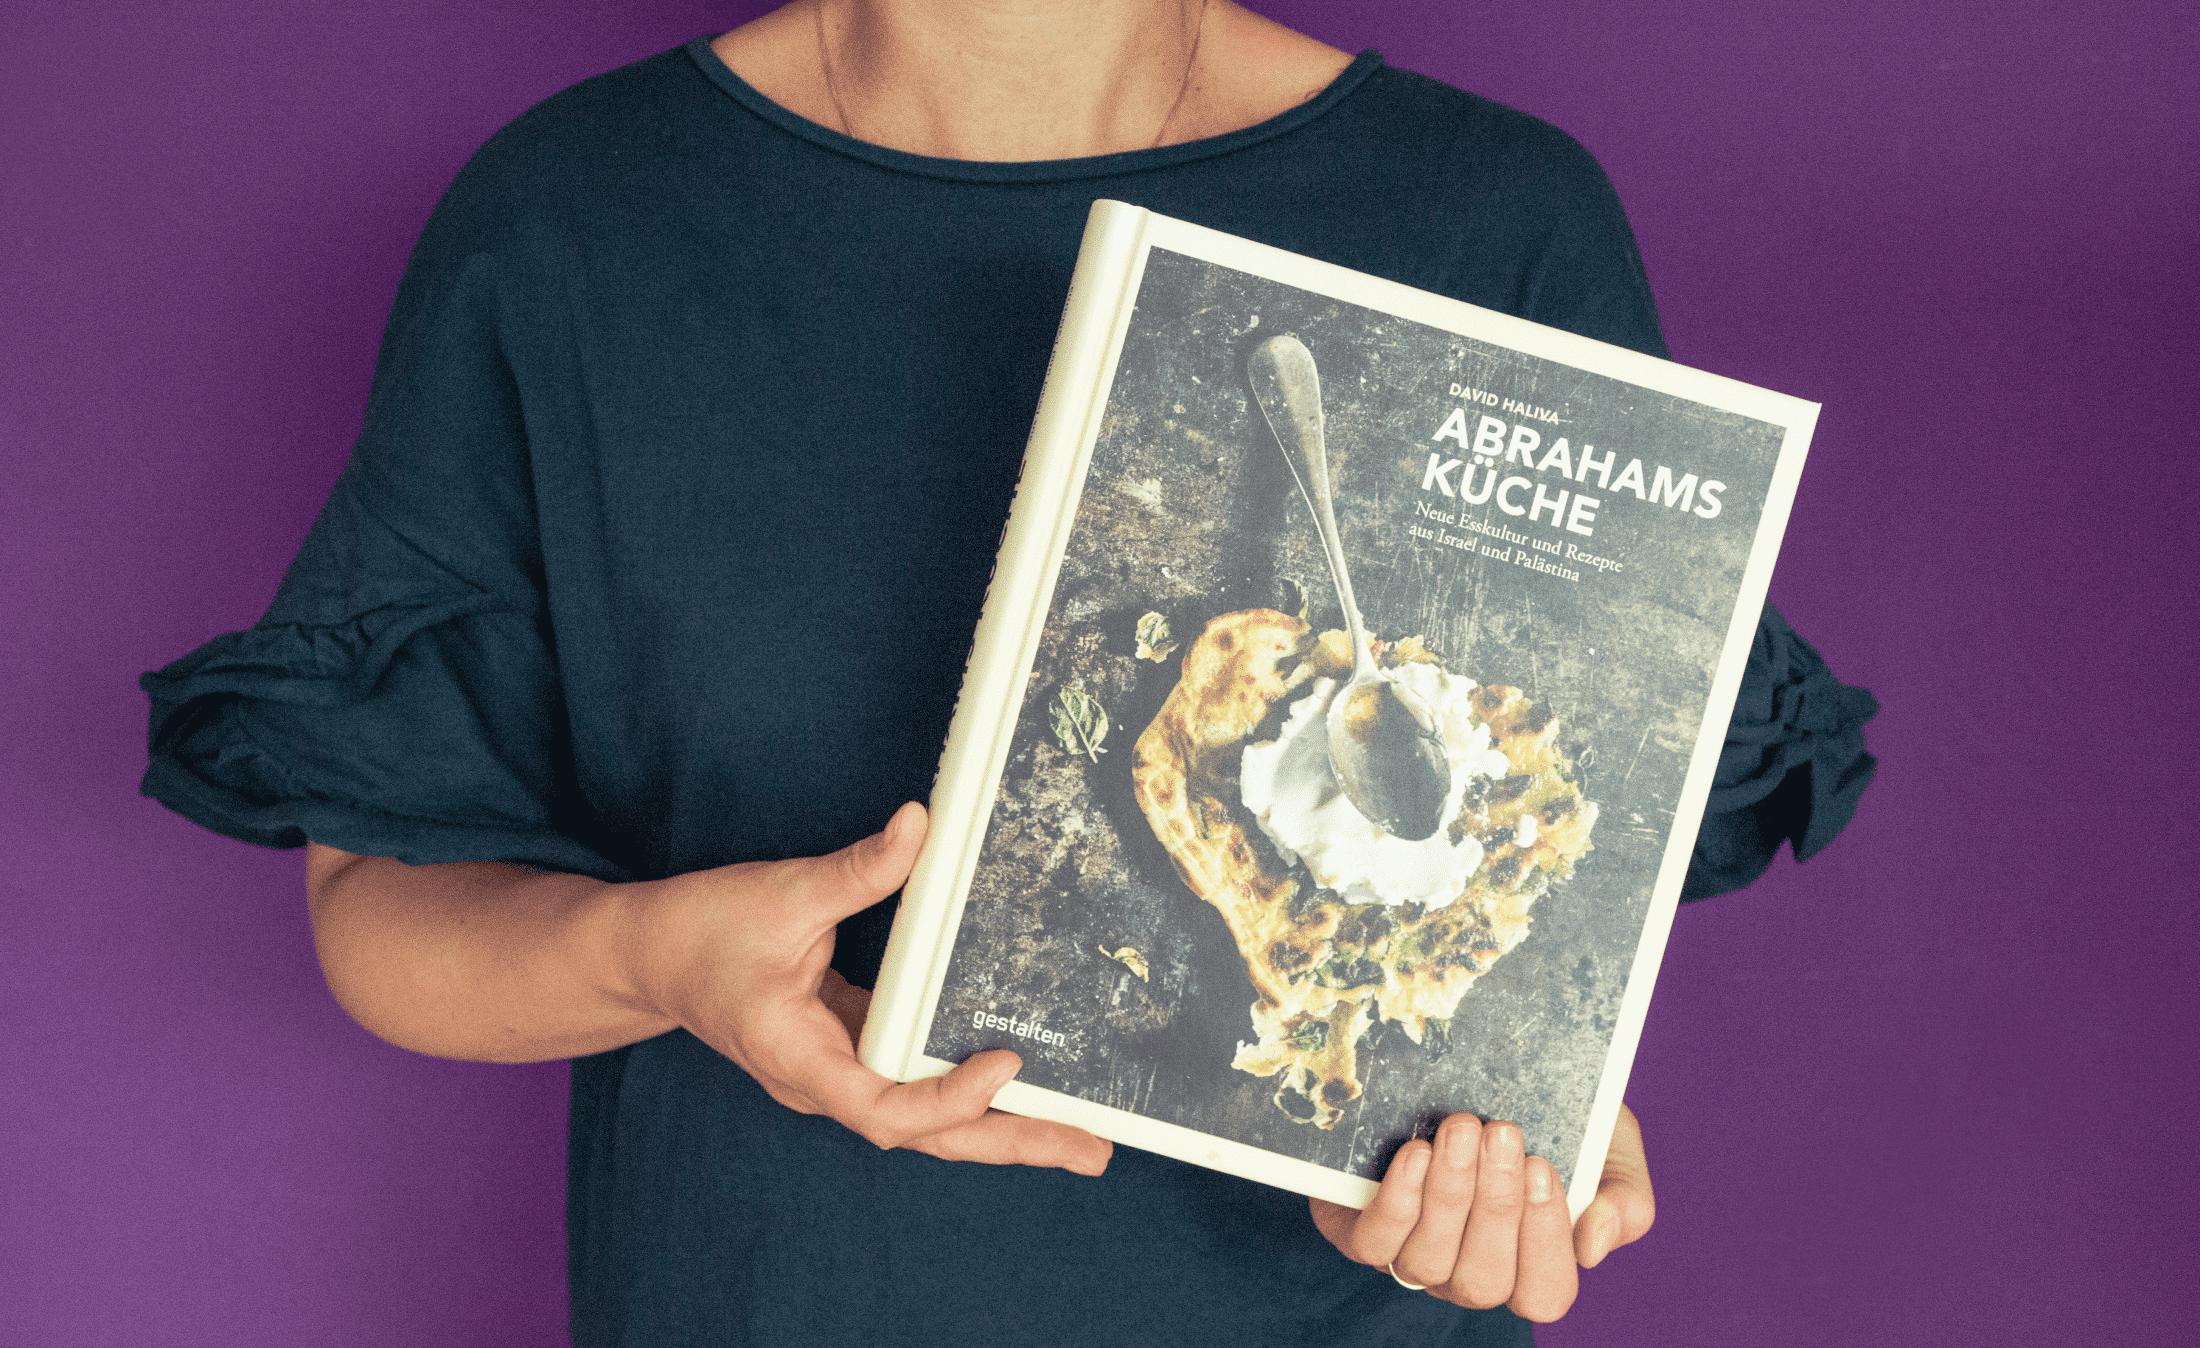 Kochbucher Mediterrane Kuche Buche Kuche Ausstellungsstuck